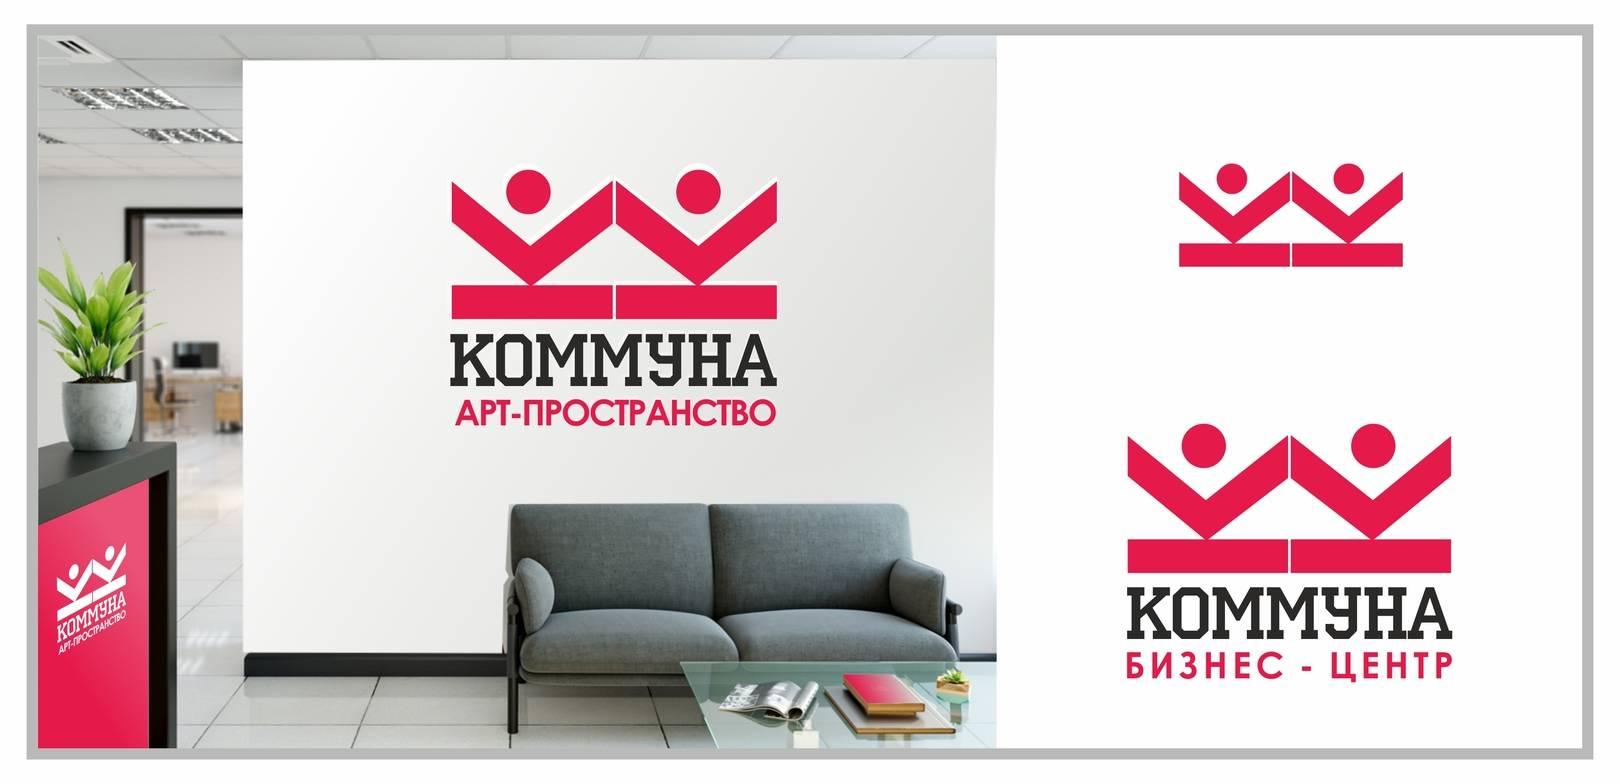 Логотип (вариант )